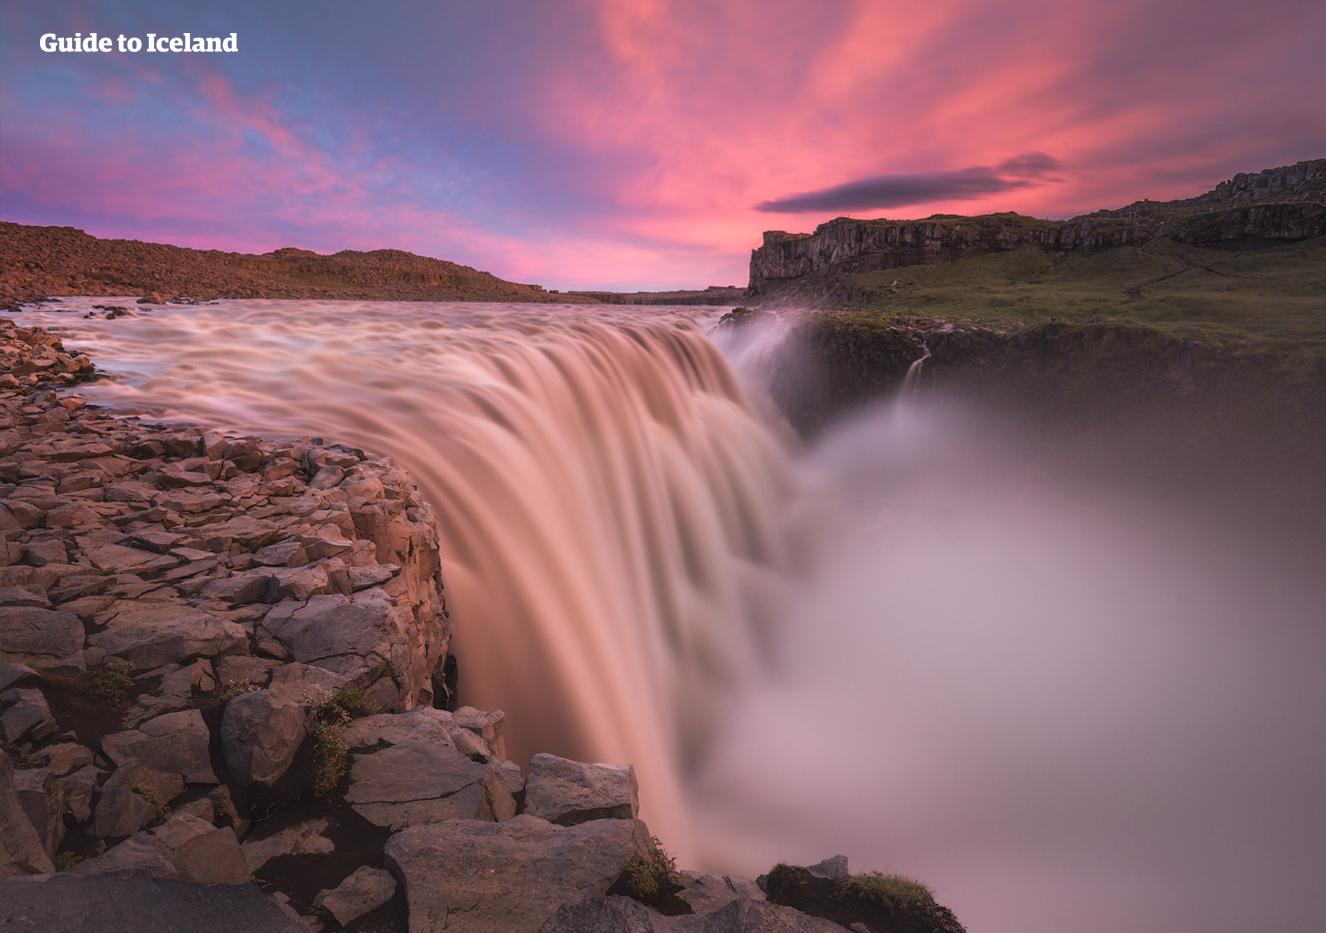 여름 8일 가이드 동행 아이슬란드 링로드 일주 및 스나이펠스네스 | 소규모 투어